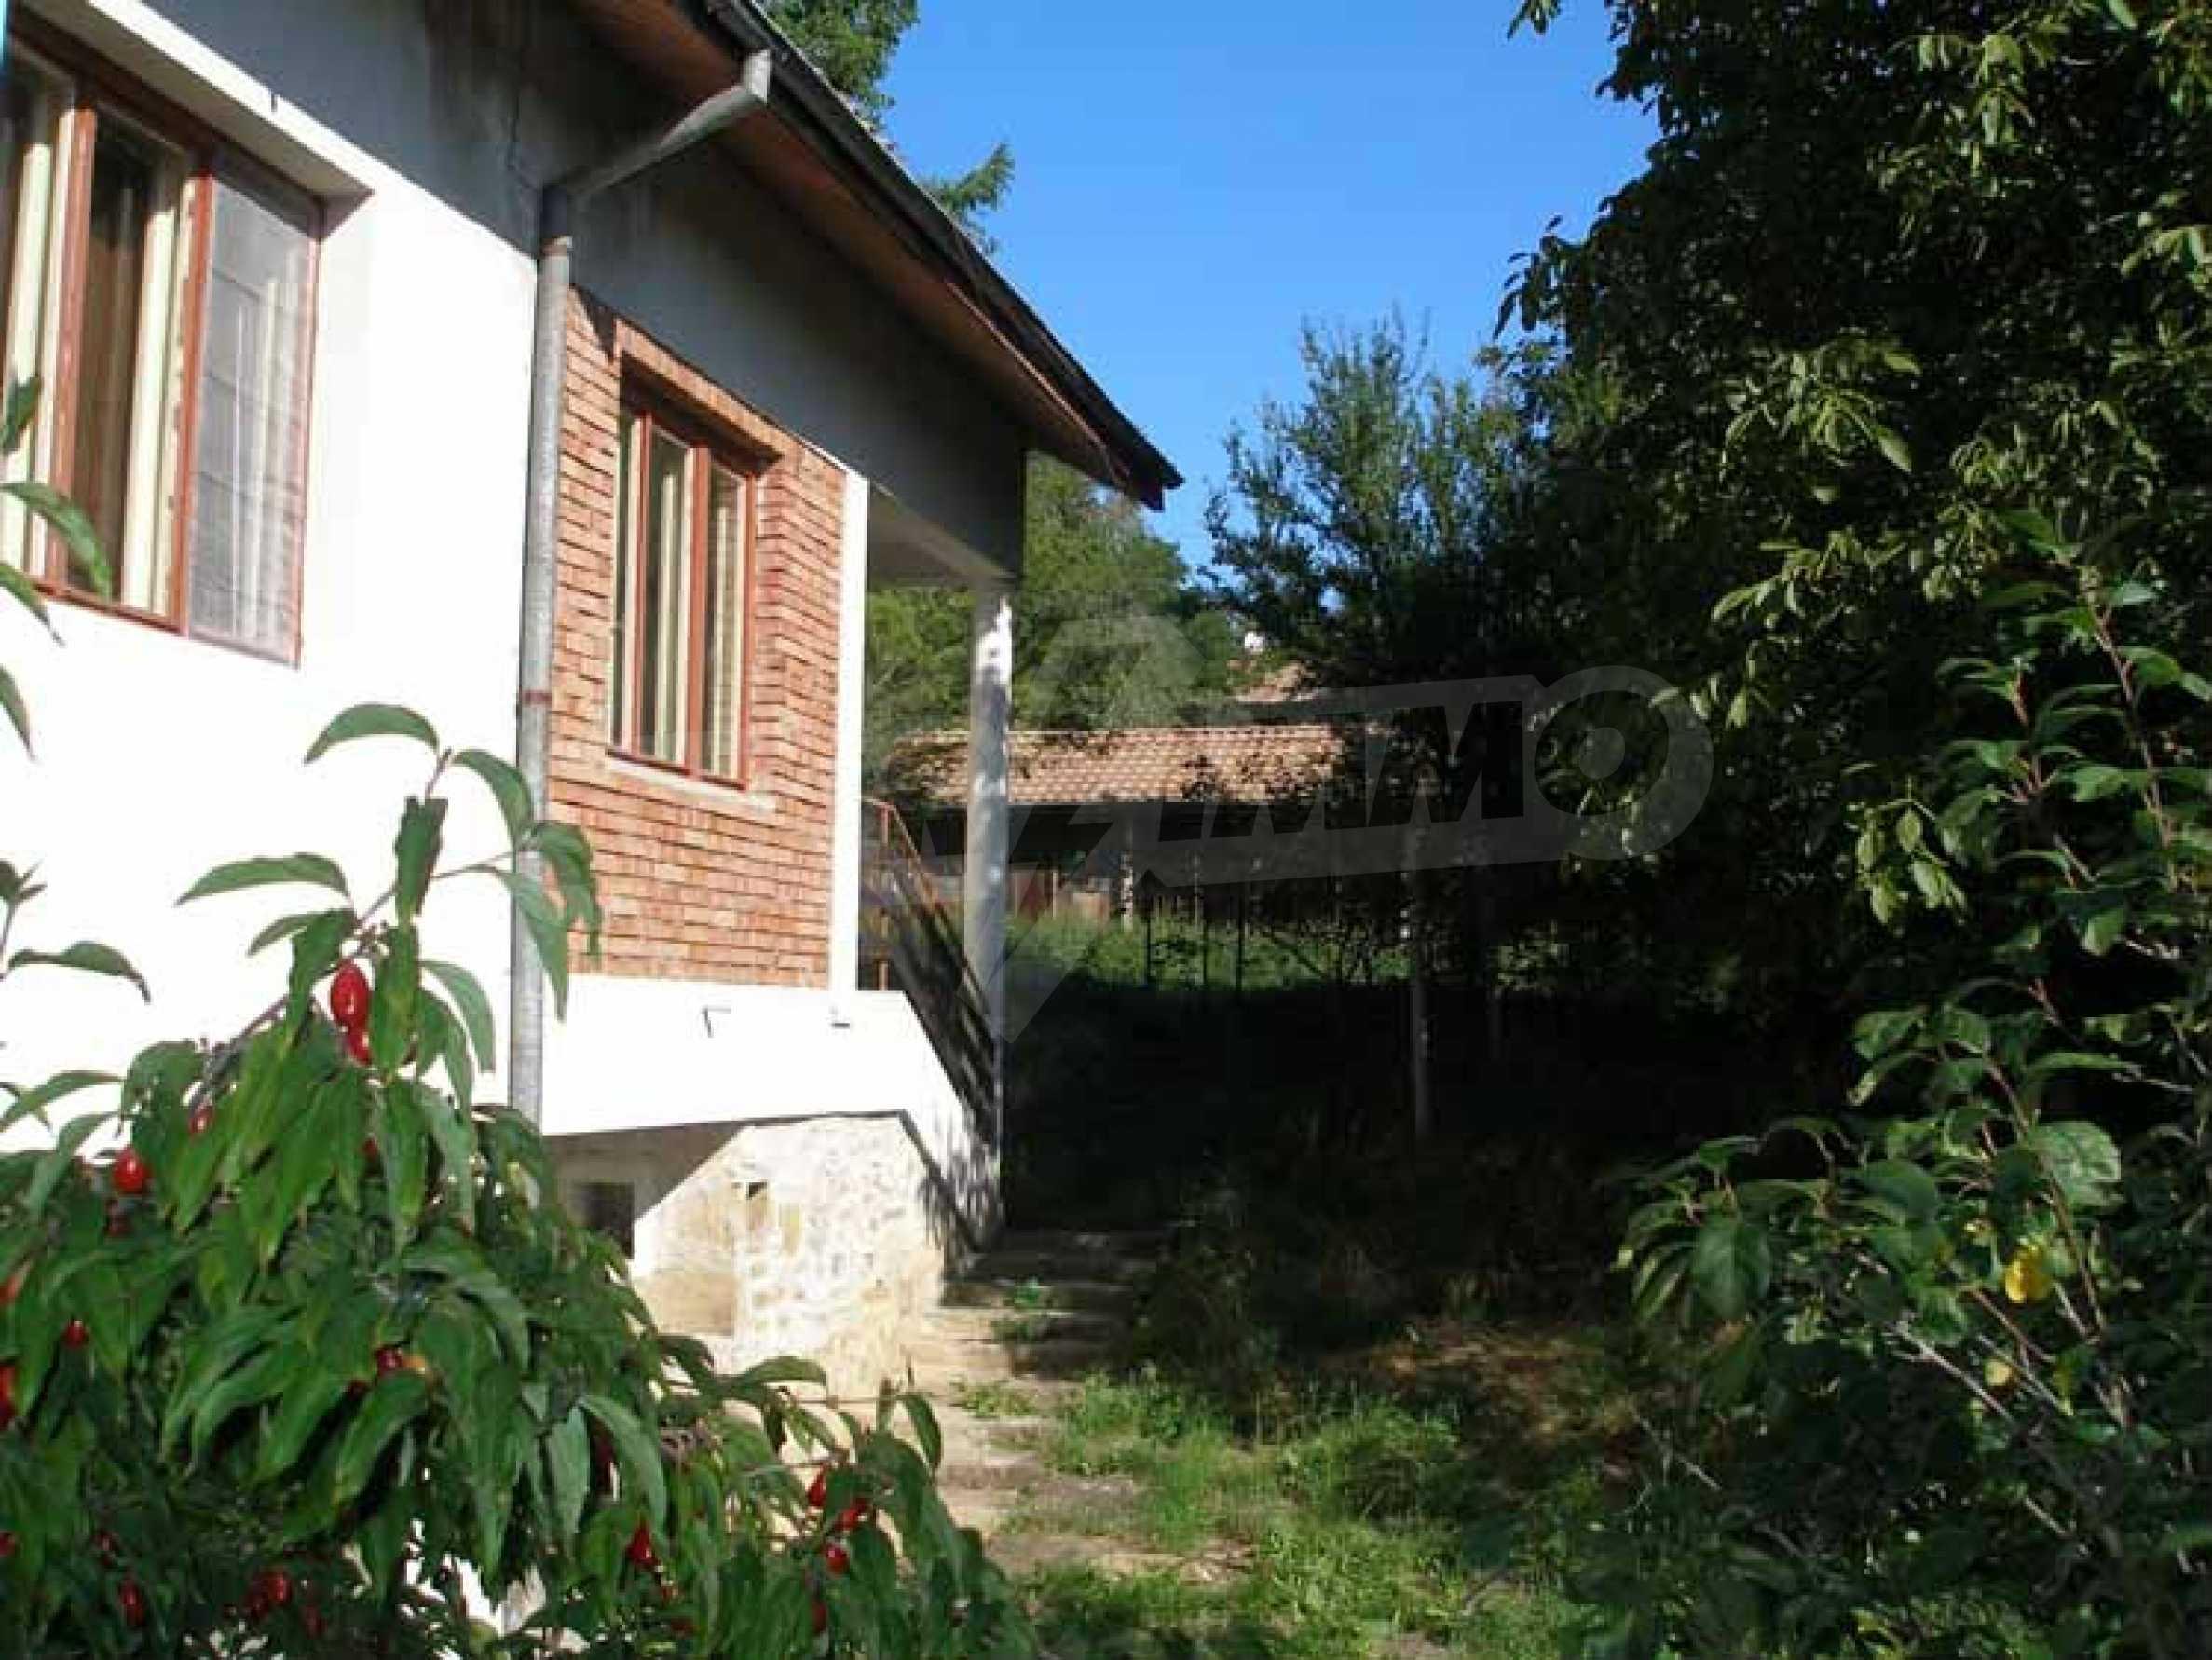 Neues Haus in einem ruhigen Dorf 2